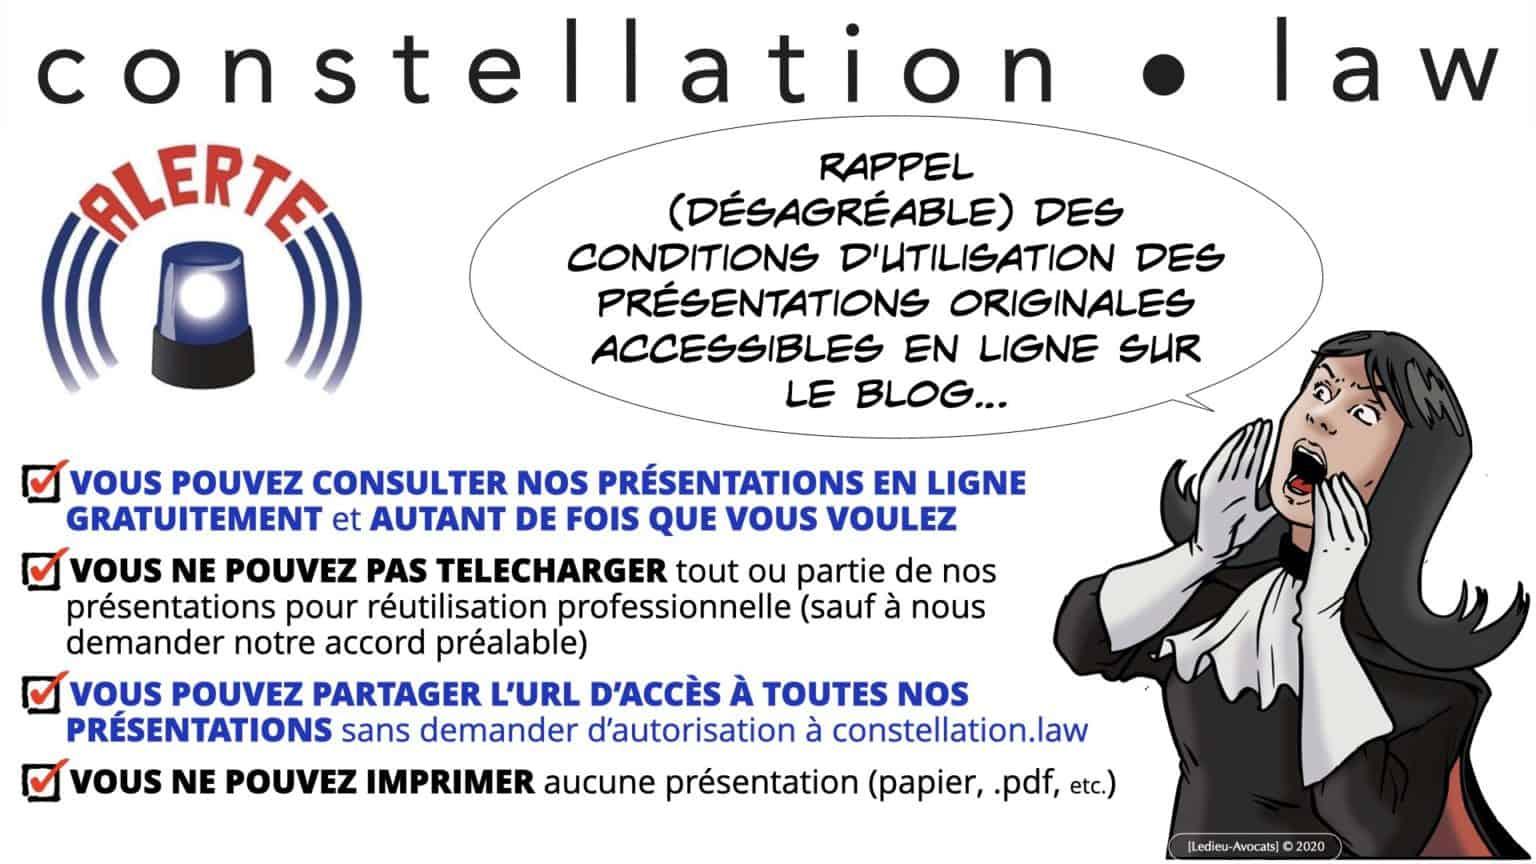 Constellation Avocats CGU pour les présentations accessibles depuis le blog